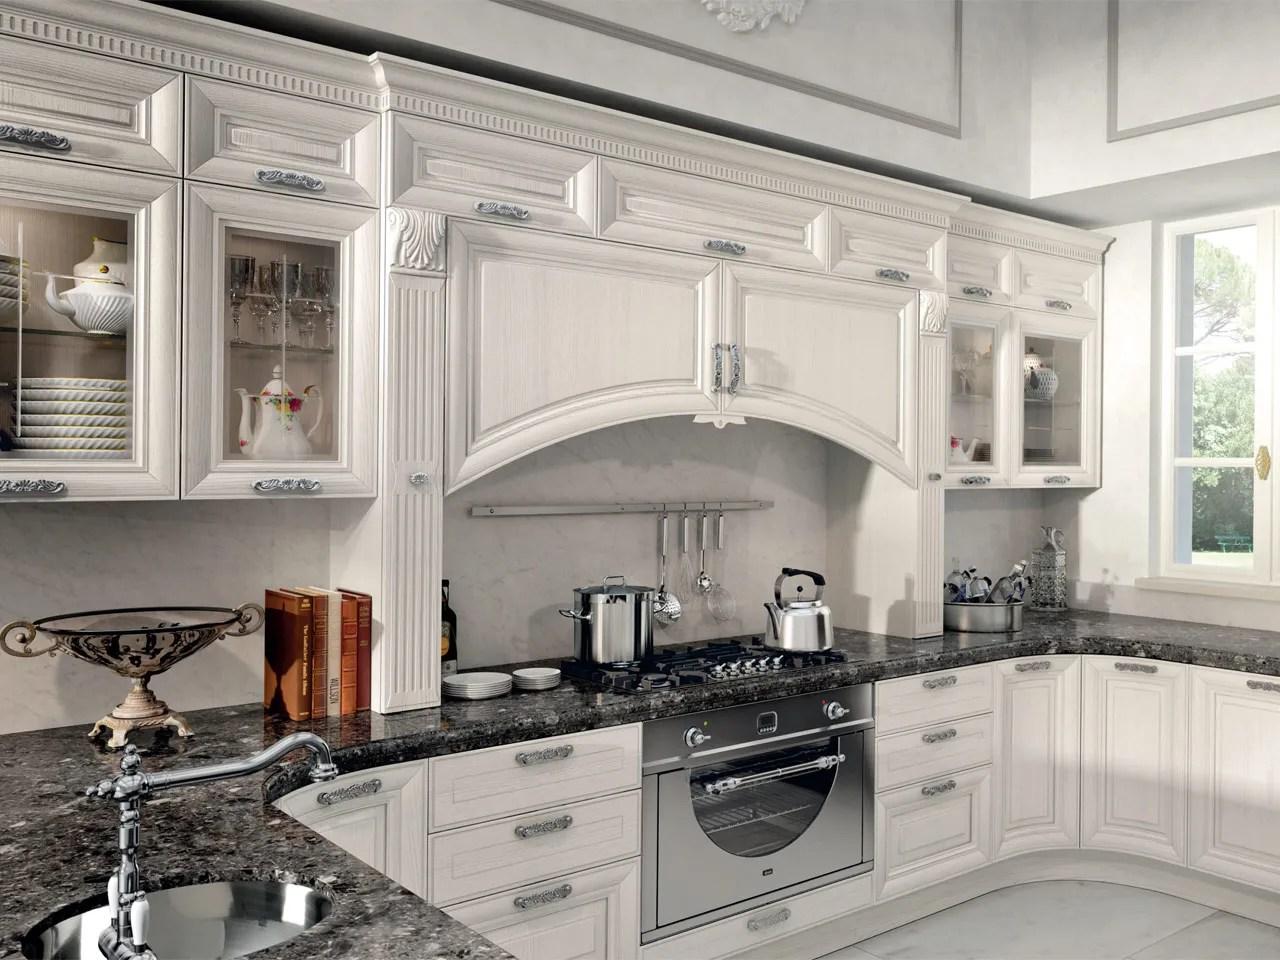 PANTHEON Kitchen by Cucine Lube